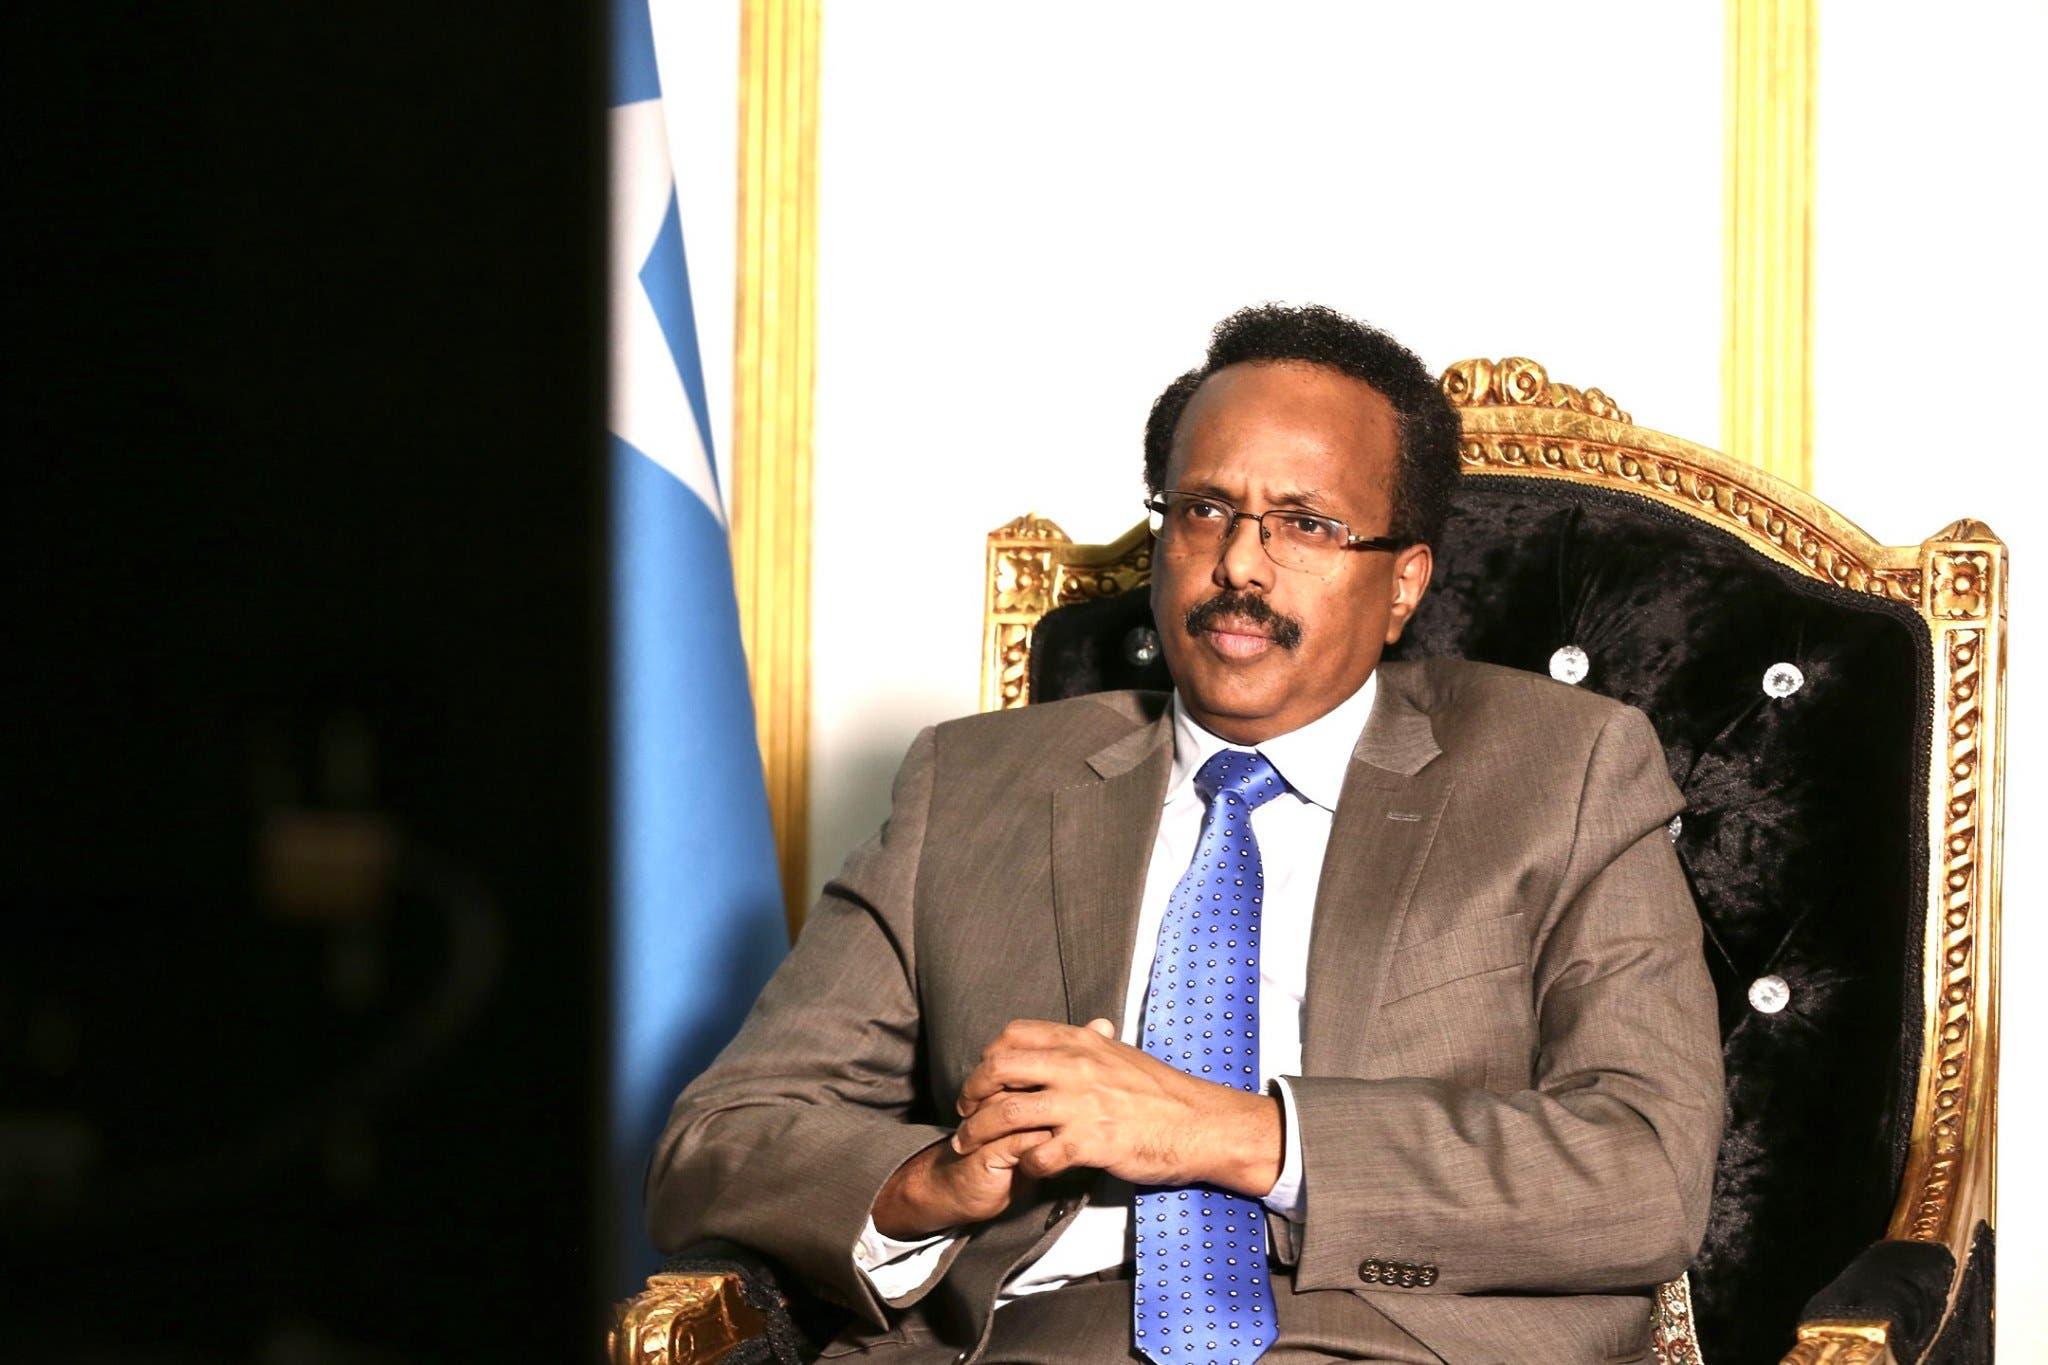 Madaxweyne Farmaajo oo ka hadlay guusha weyn ee Somalia ay ka gaartay QM